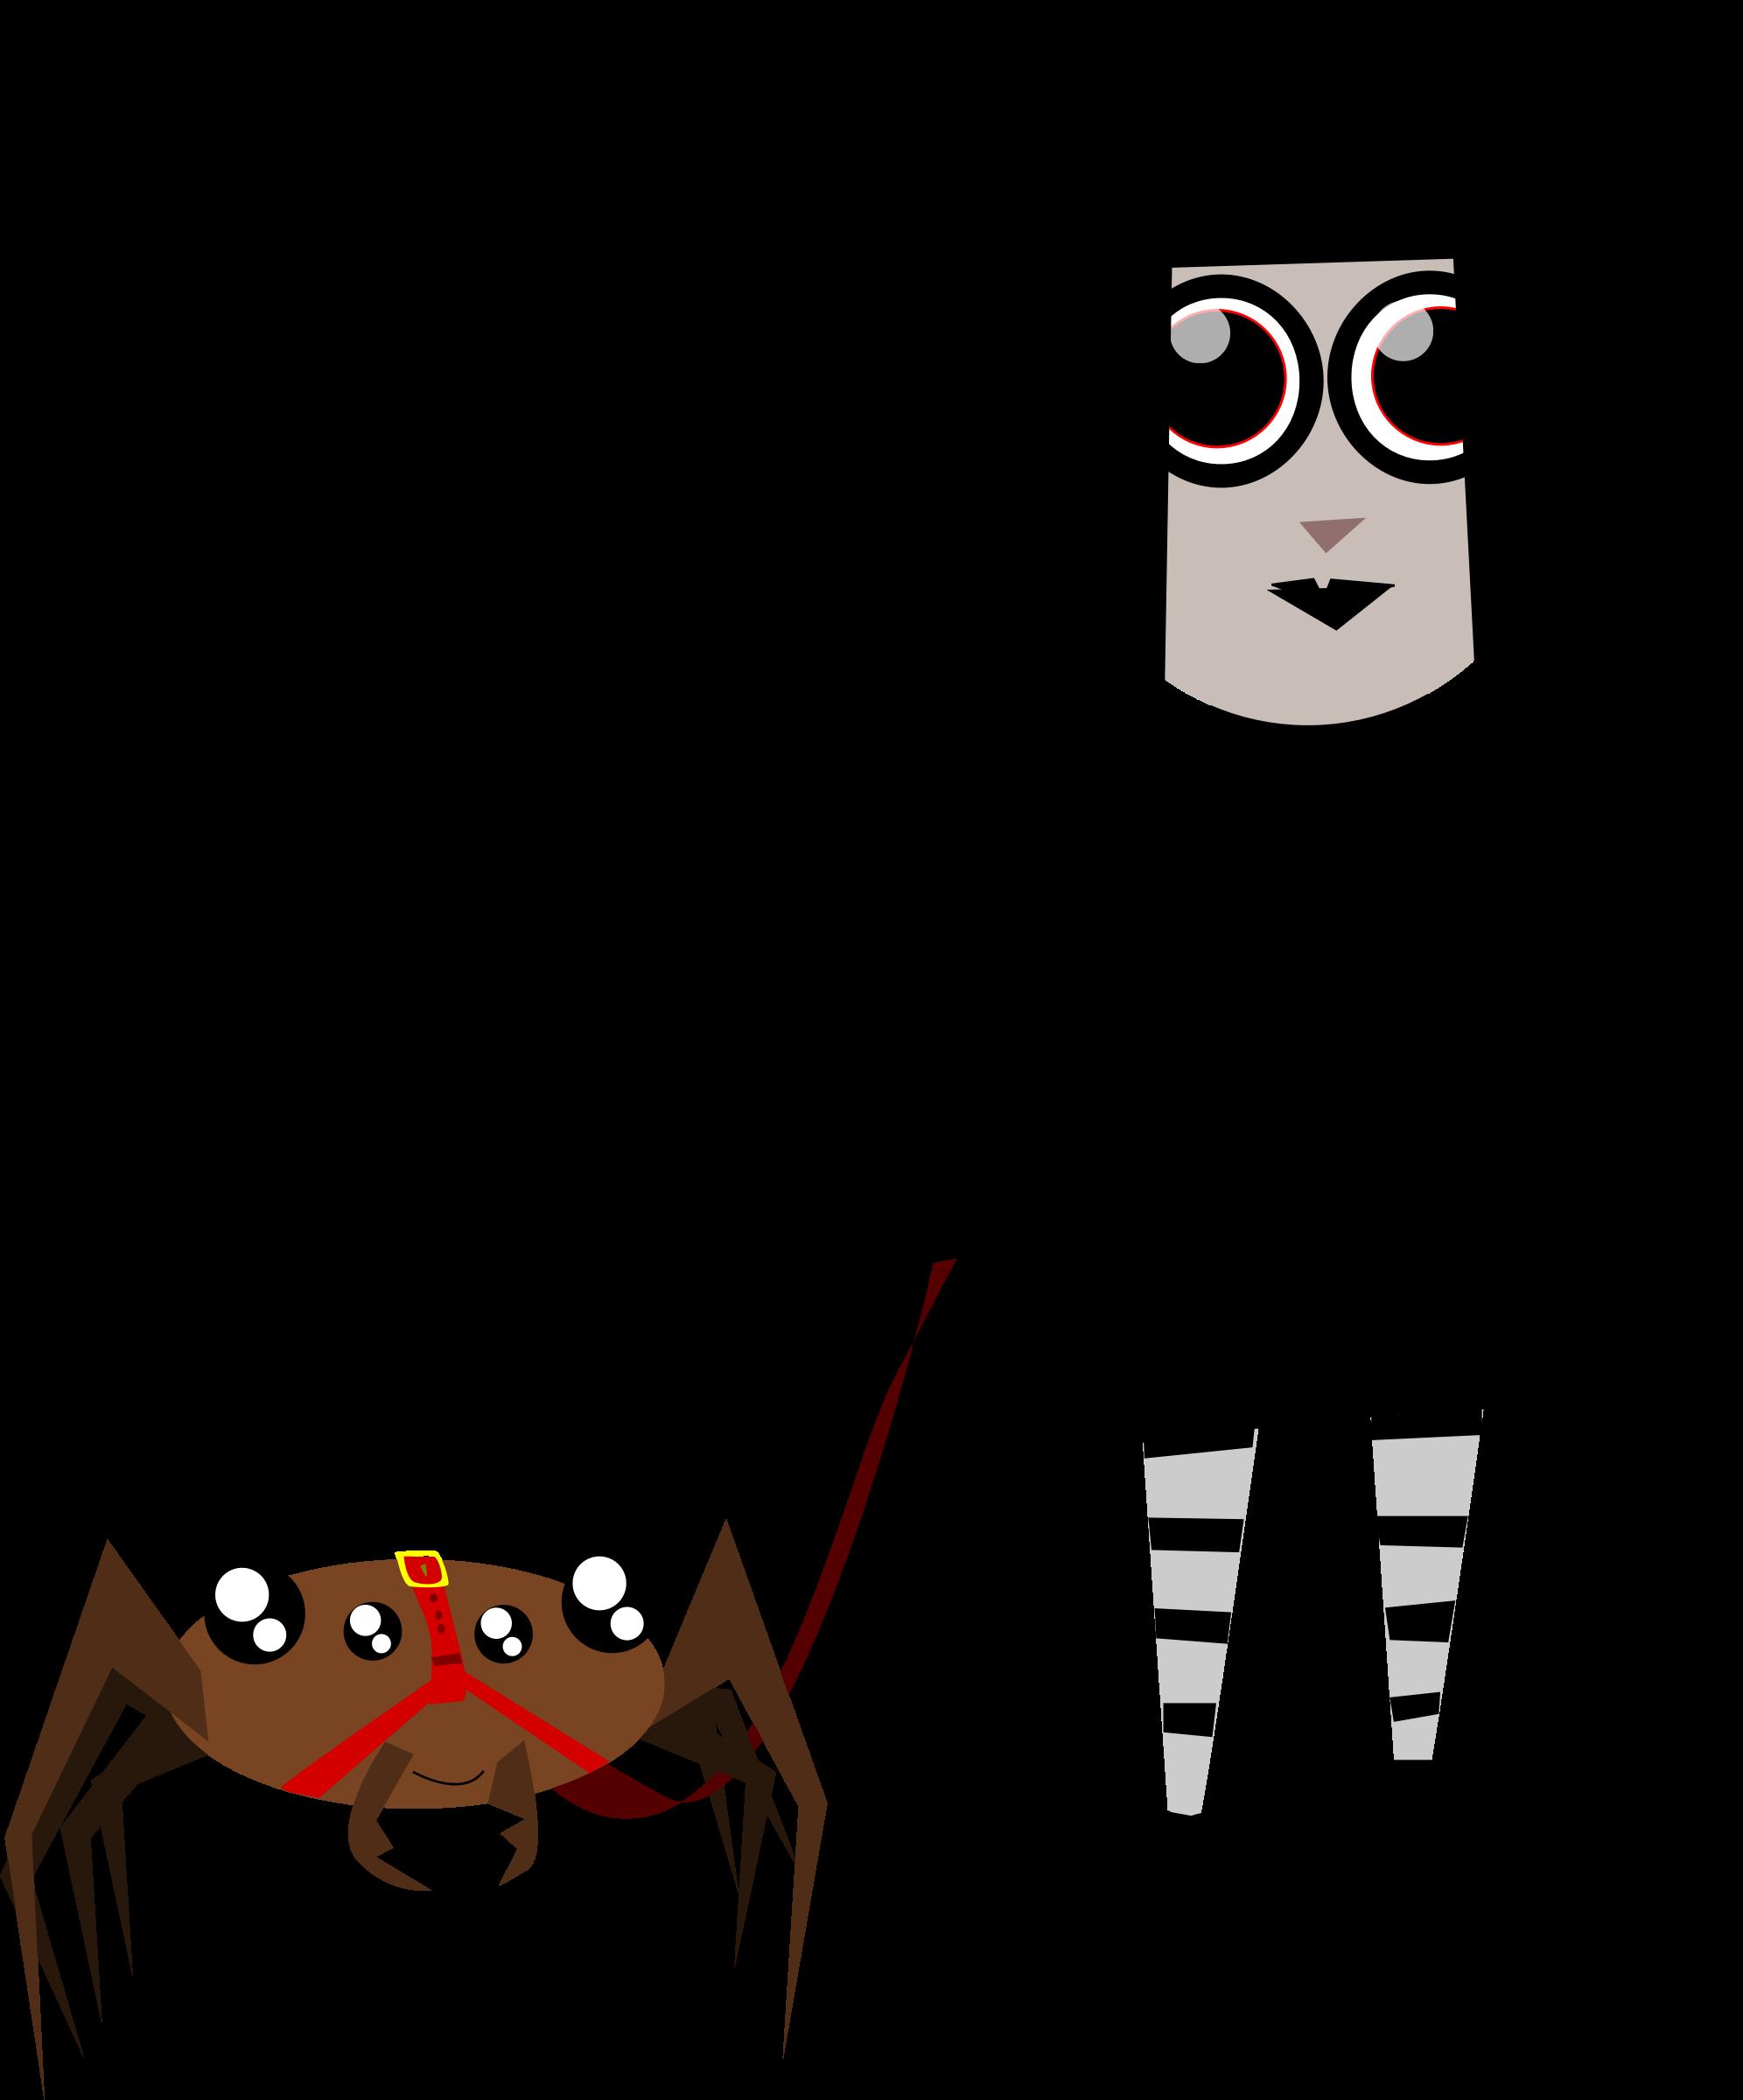 Pet clipart halloween. Spider girl big image